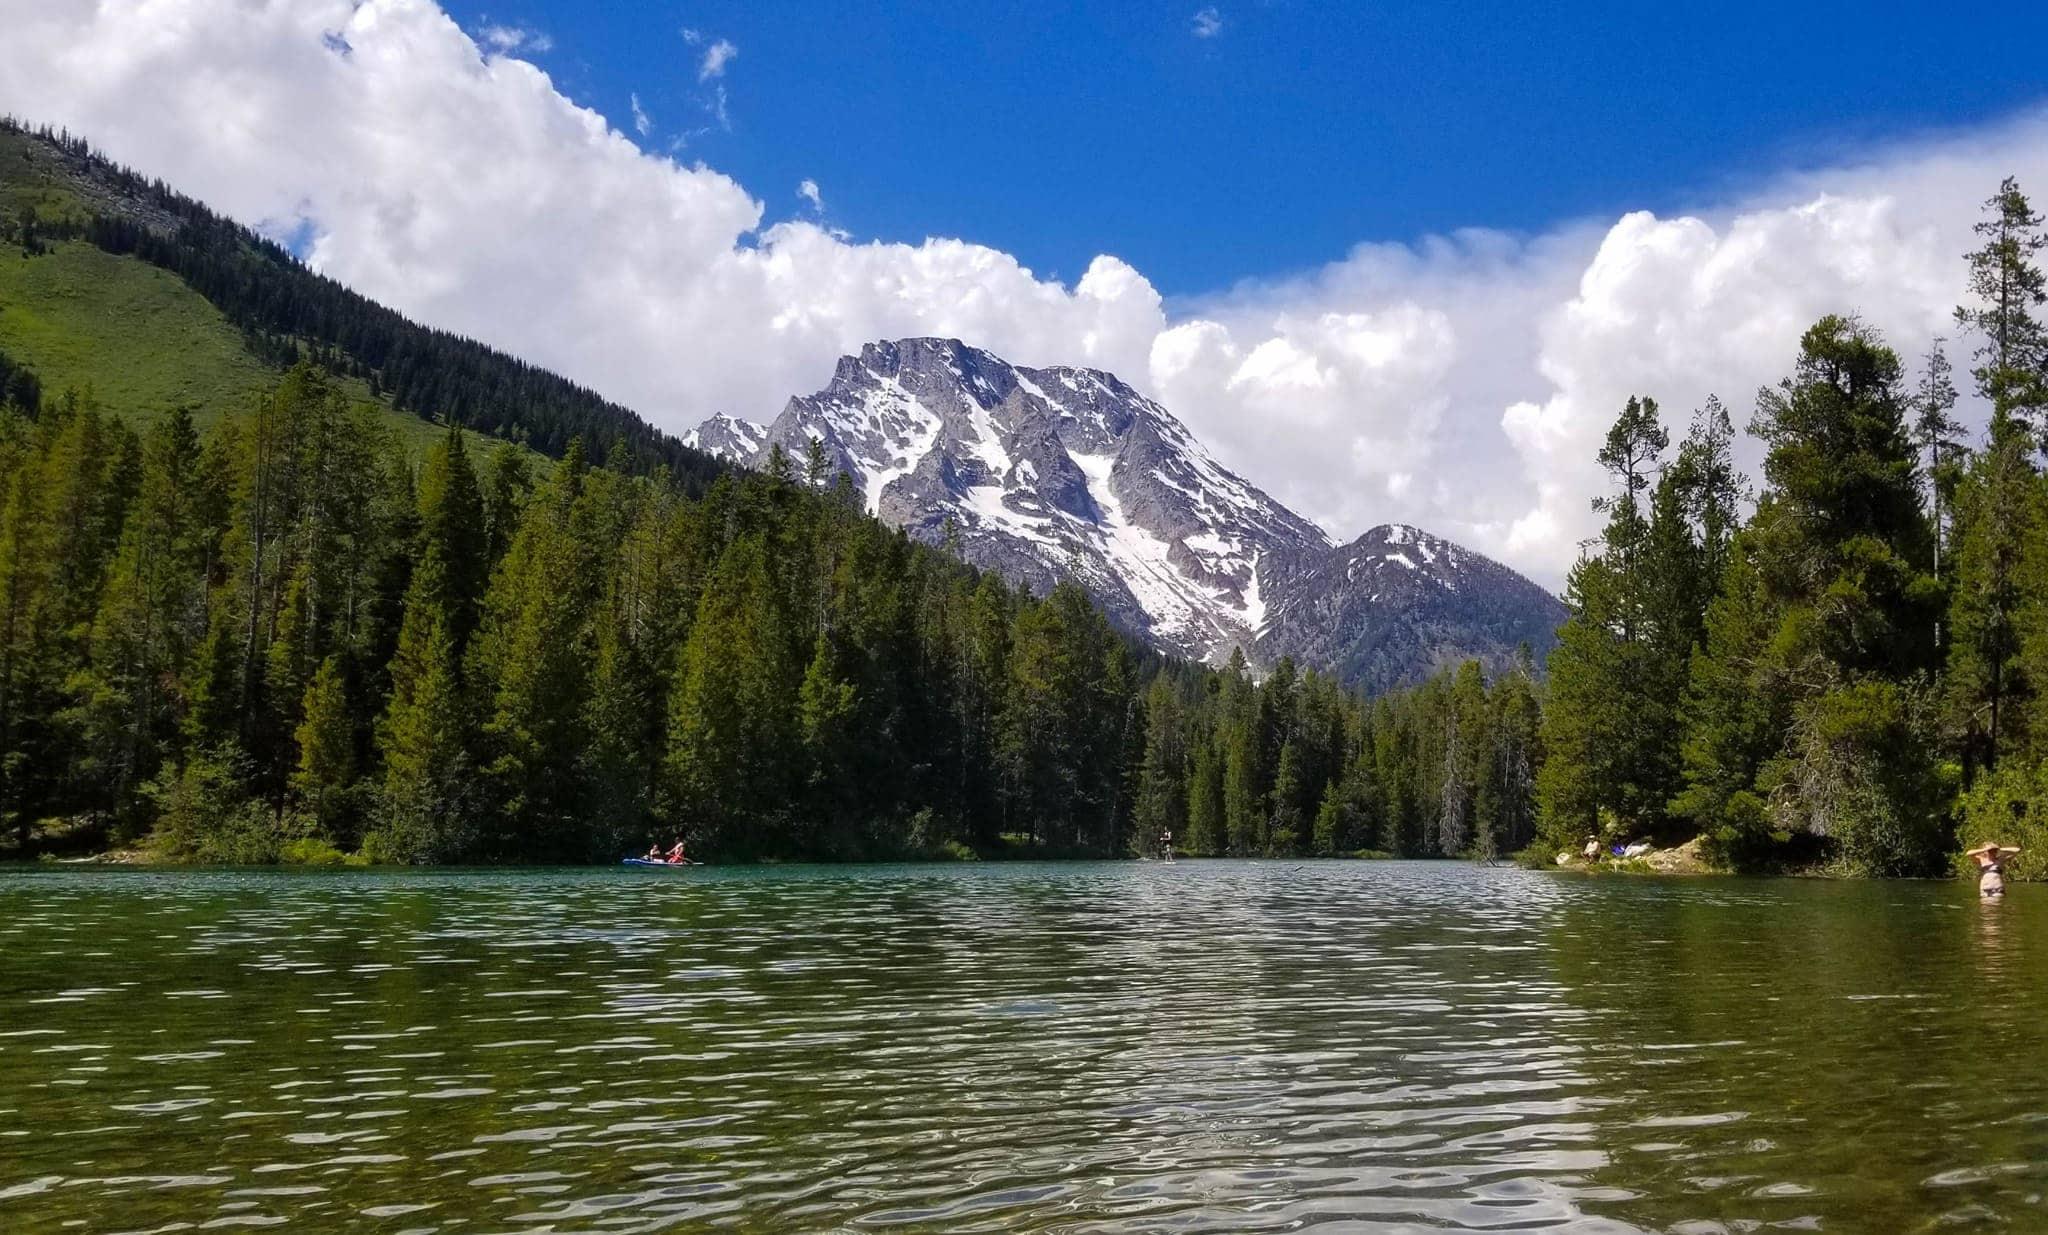 Mount Moran from Sting Lake